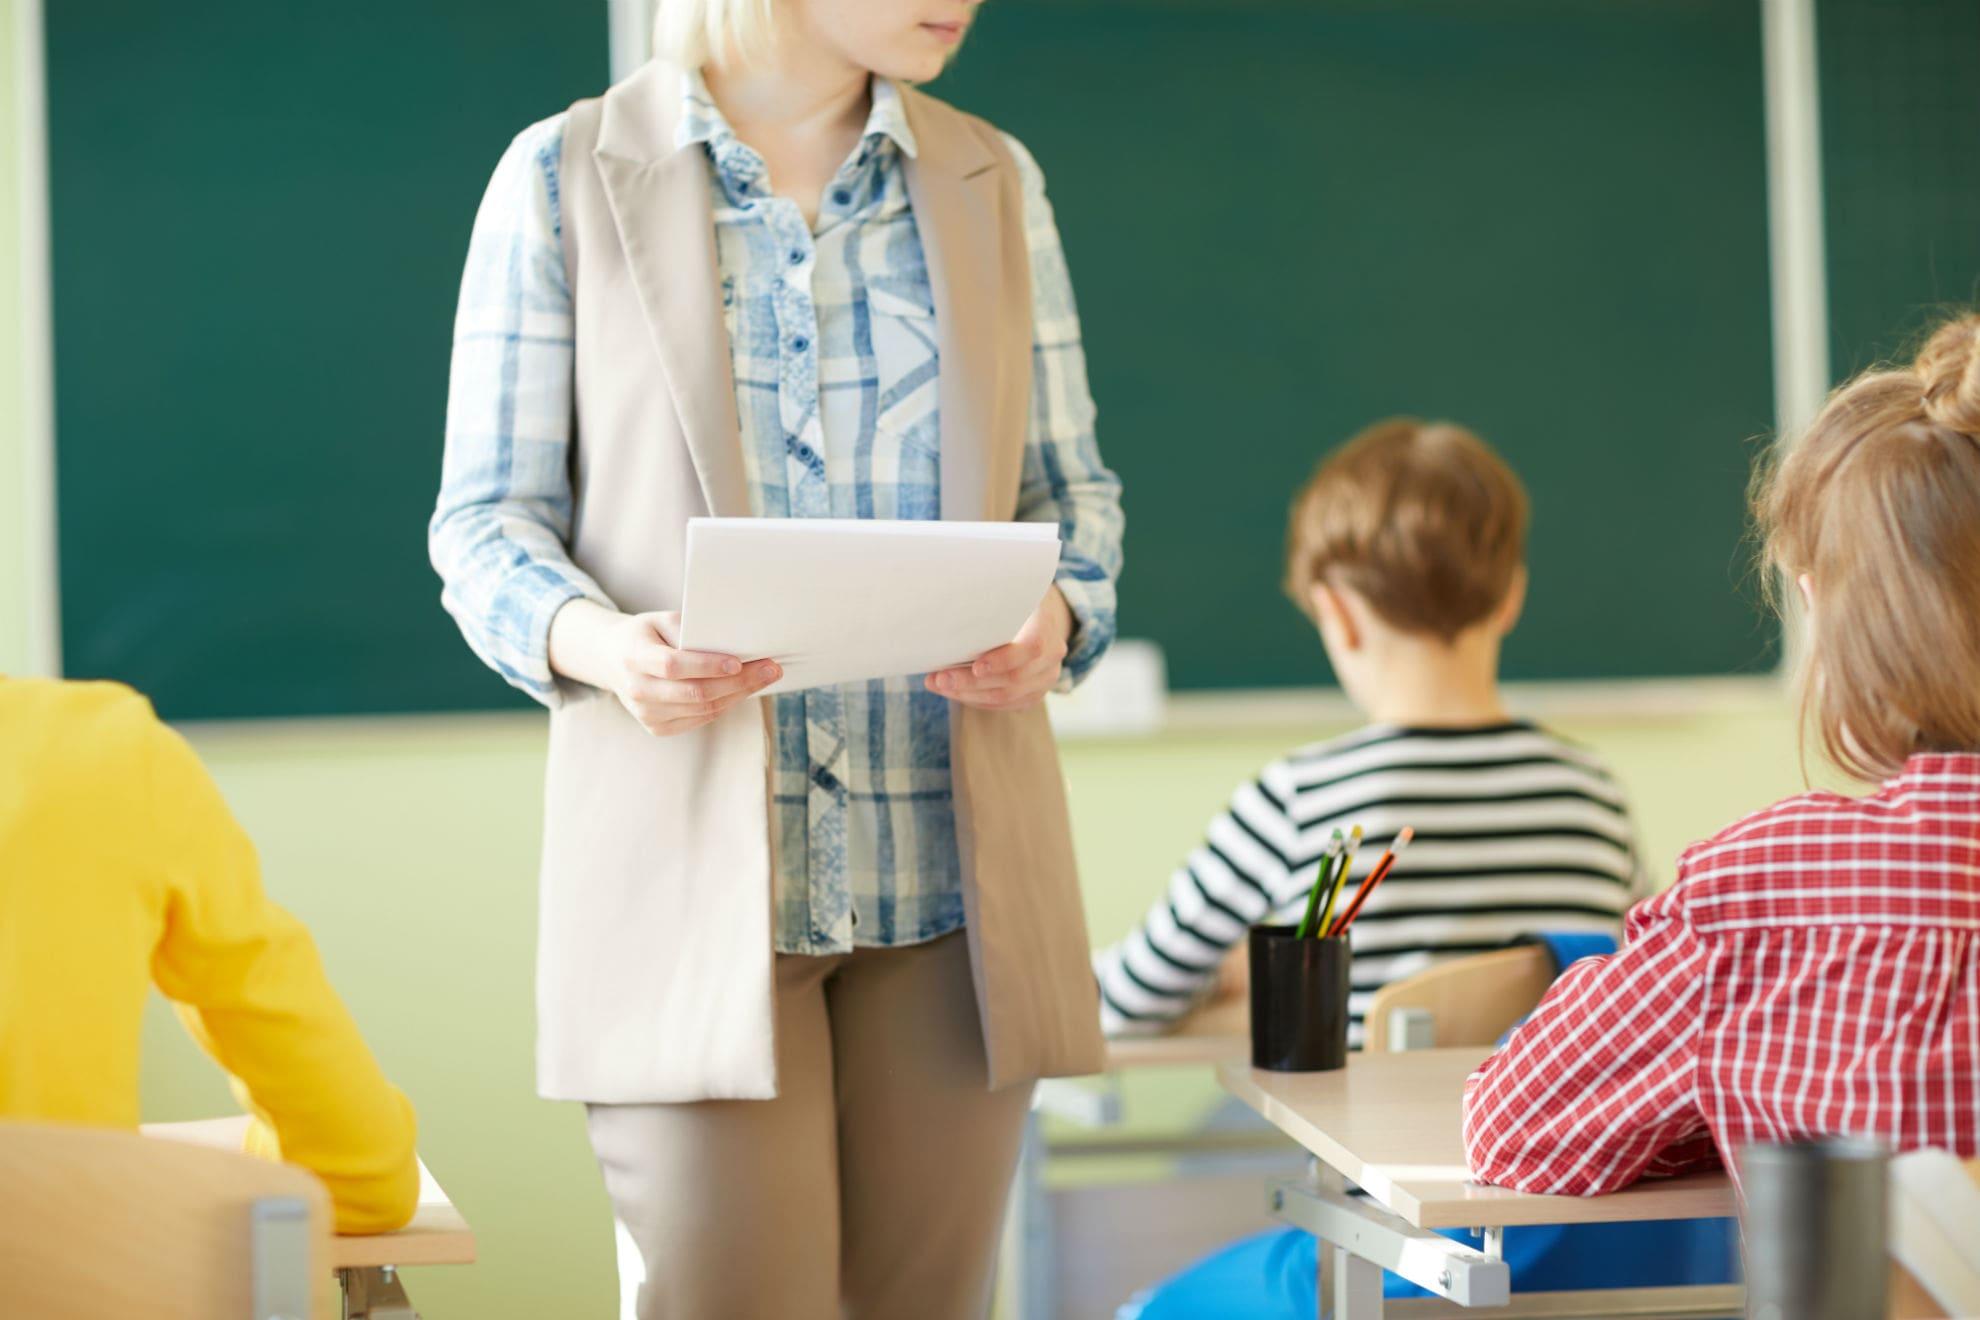 Результати опитування щодо готовності закладів загальної середньої освіти до нового 2020/2021 навчального року